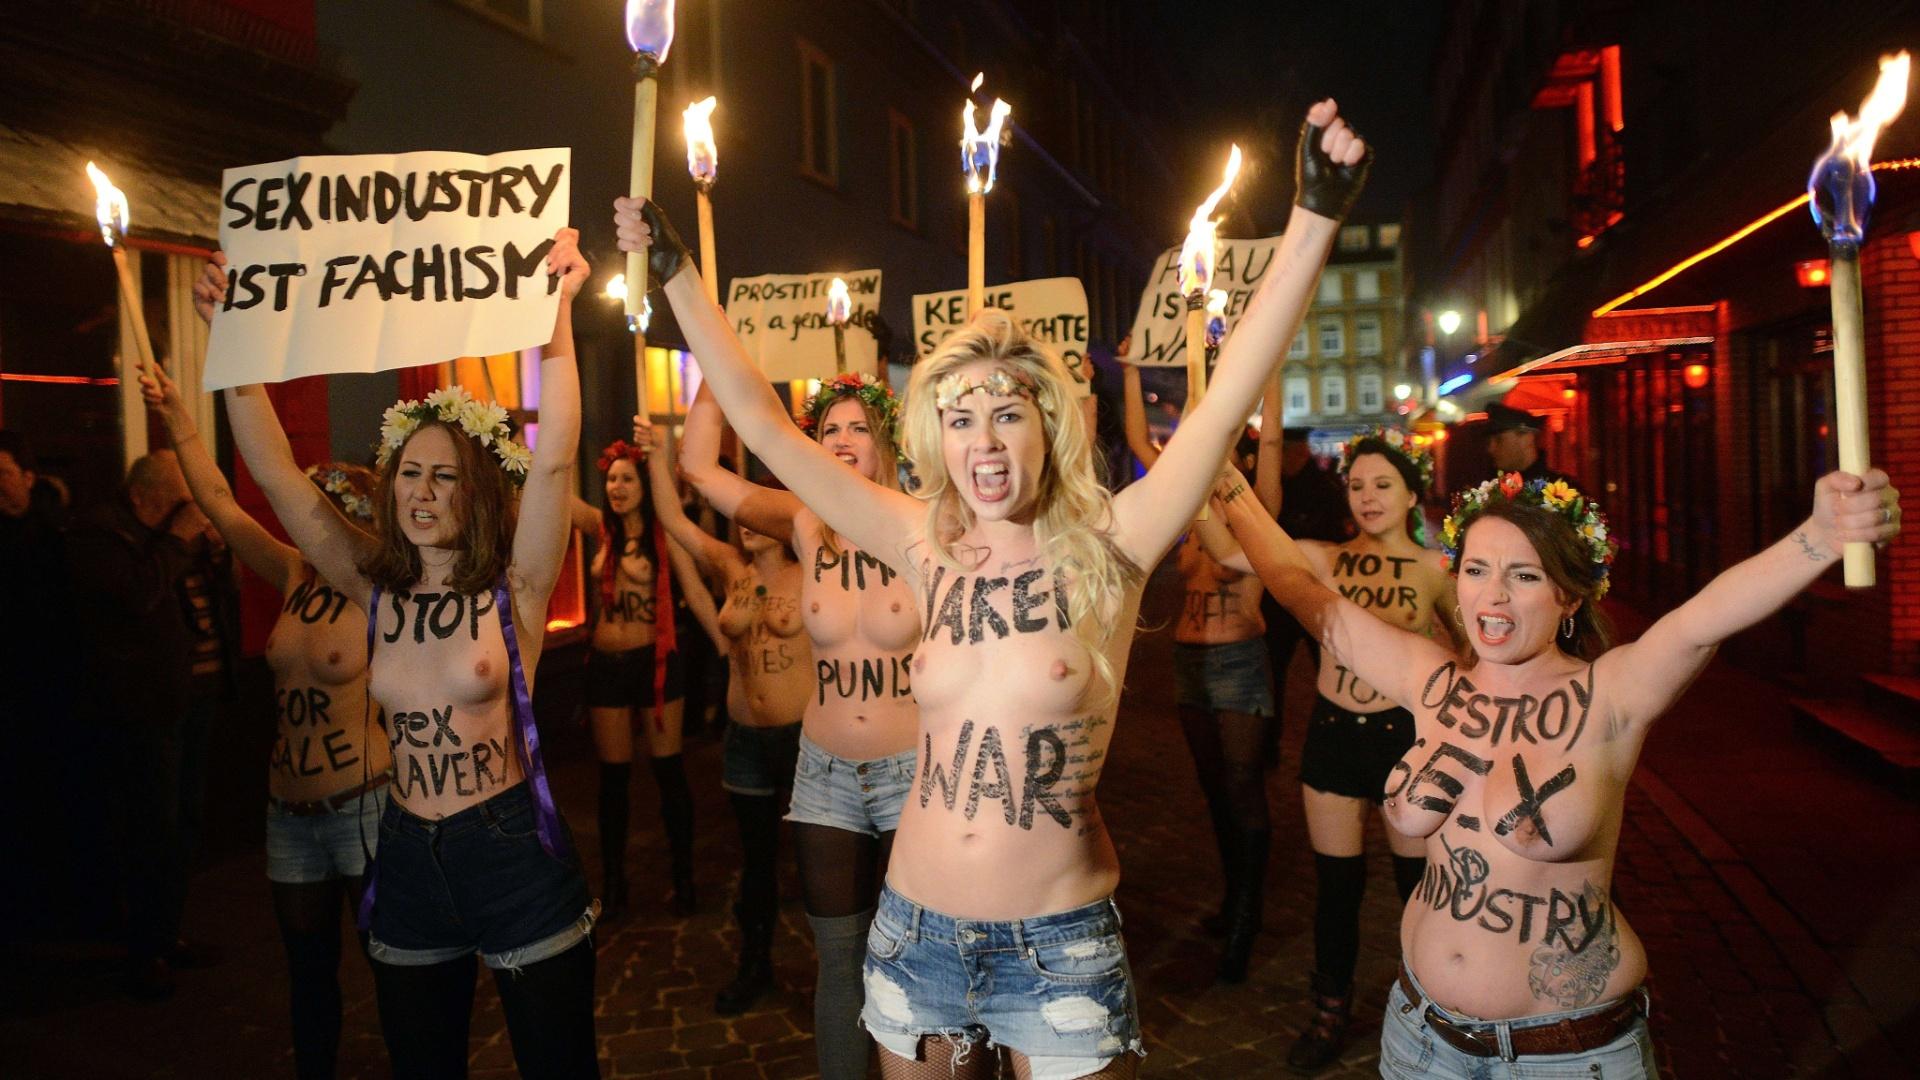 25.jan.2013 - Ativistas do Femen, grupo feminista de origem ucraniana, seguram tochas como protesto contra a prostituição no distrito de Herbertstrasse, em Hamburgo, no norte de Alemanha